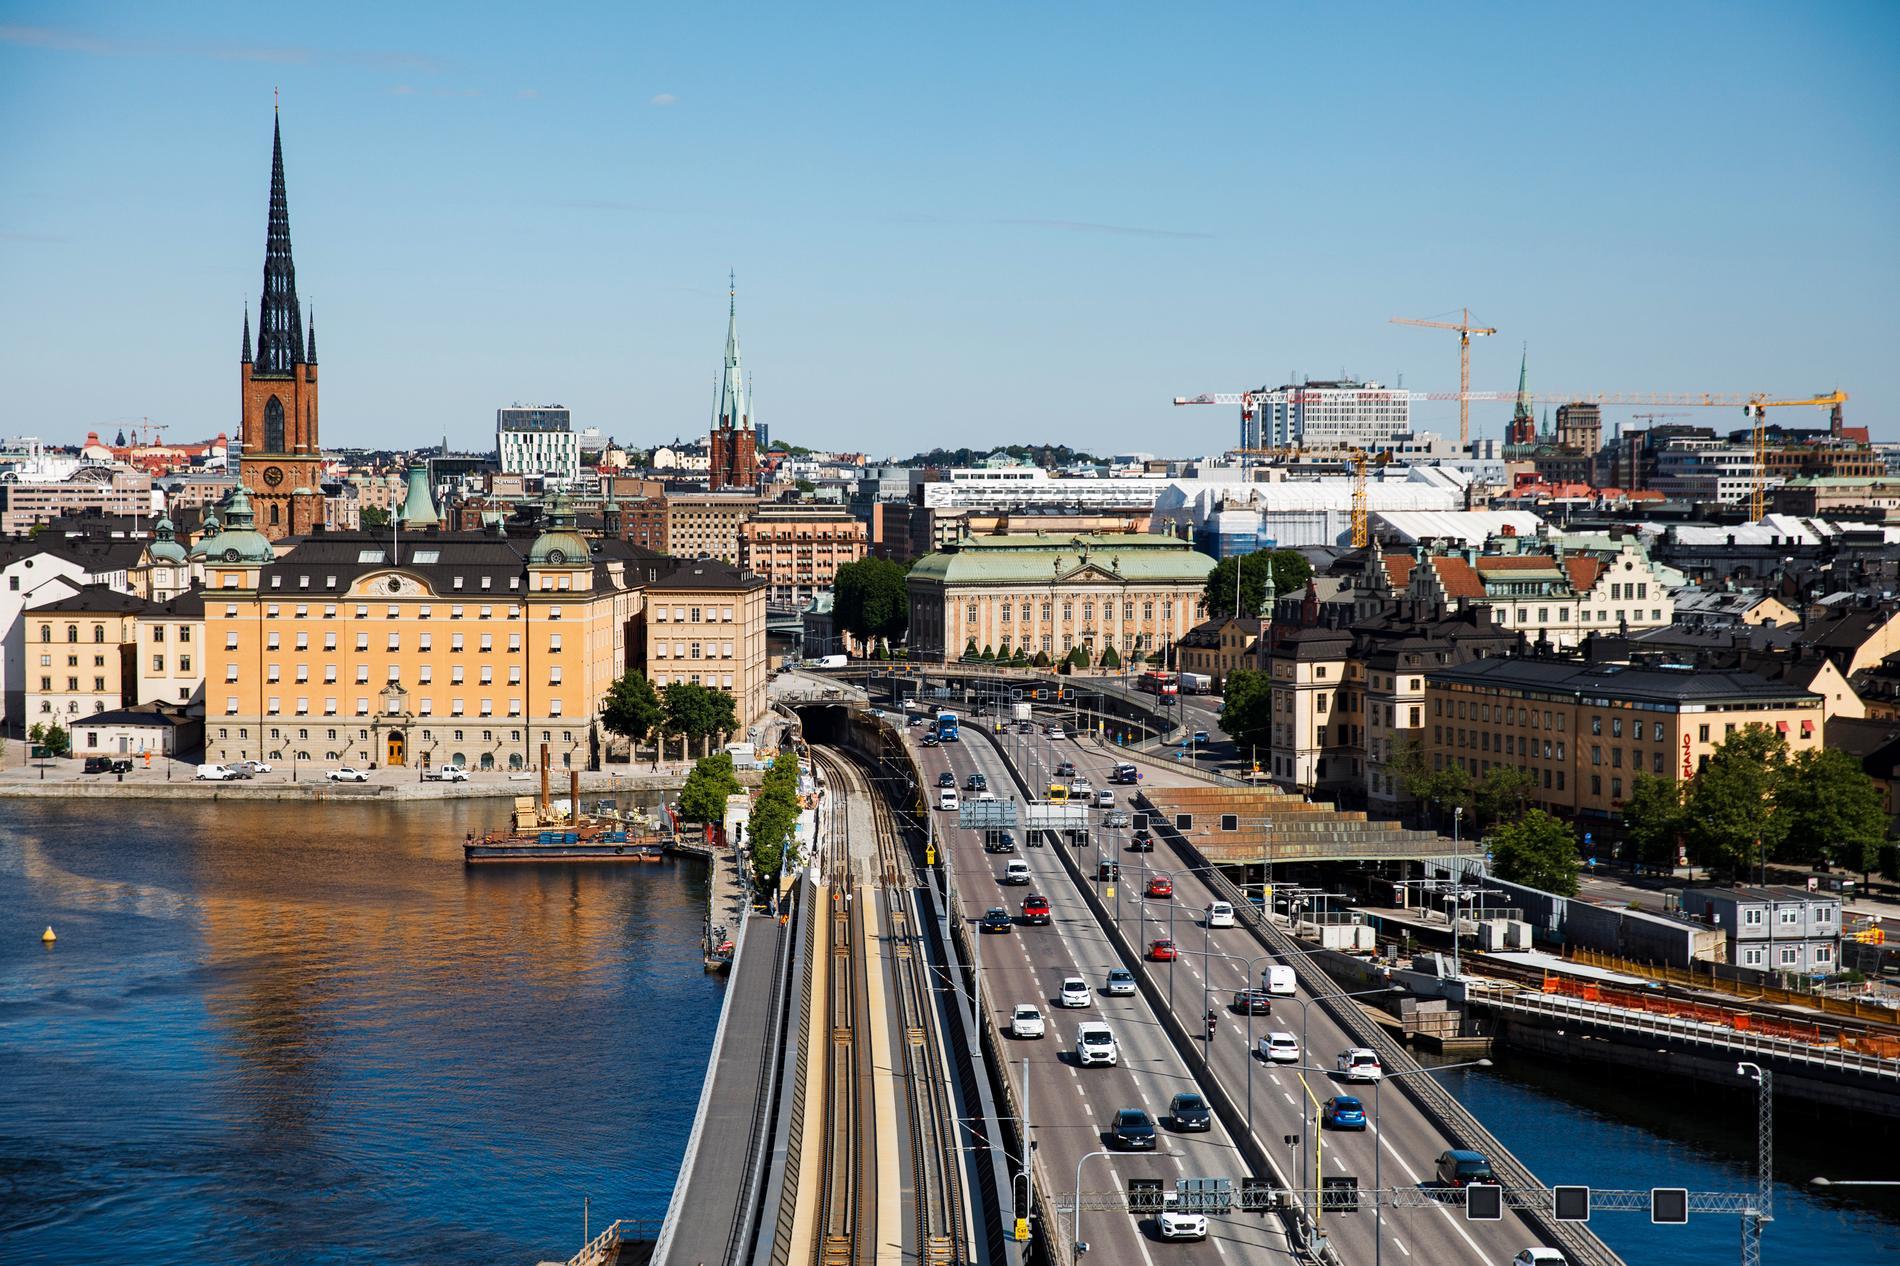 Många har en helt felaktig uppfattning om hur det är att bo i Stockholm, skriver Lena Mellin.